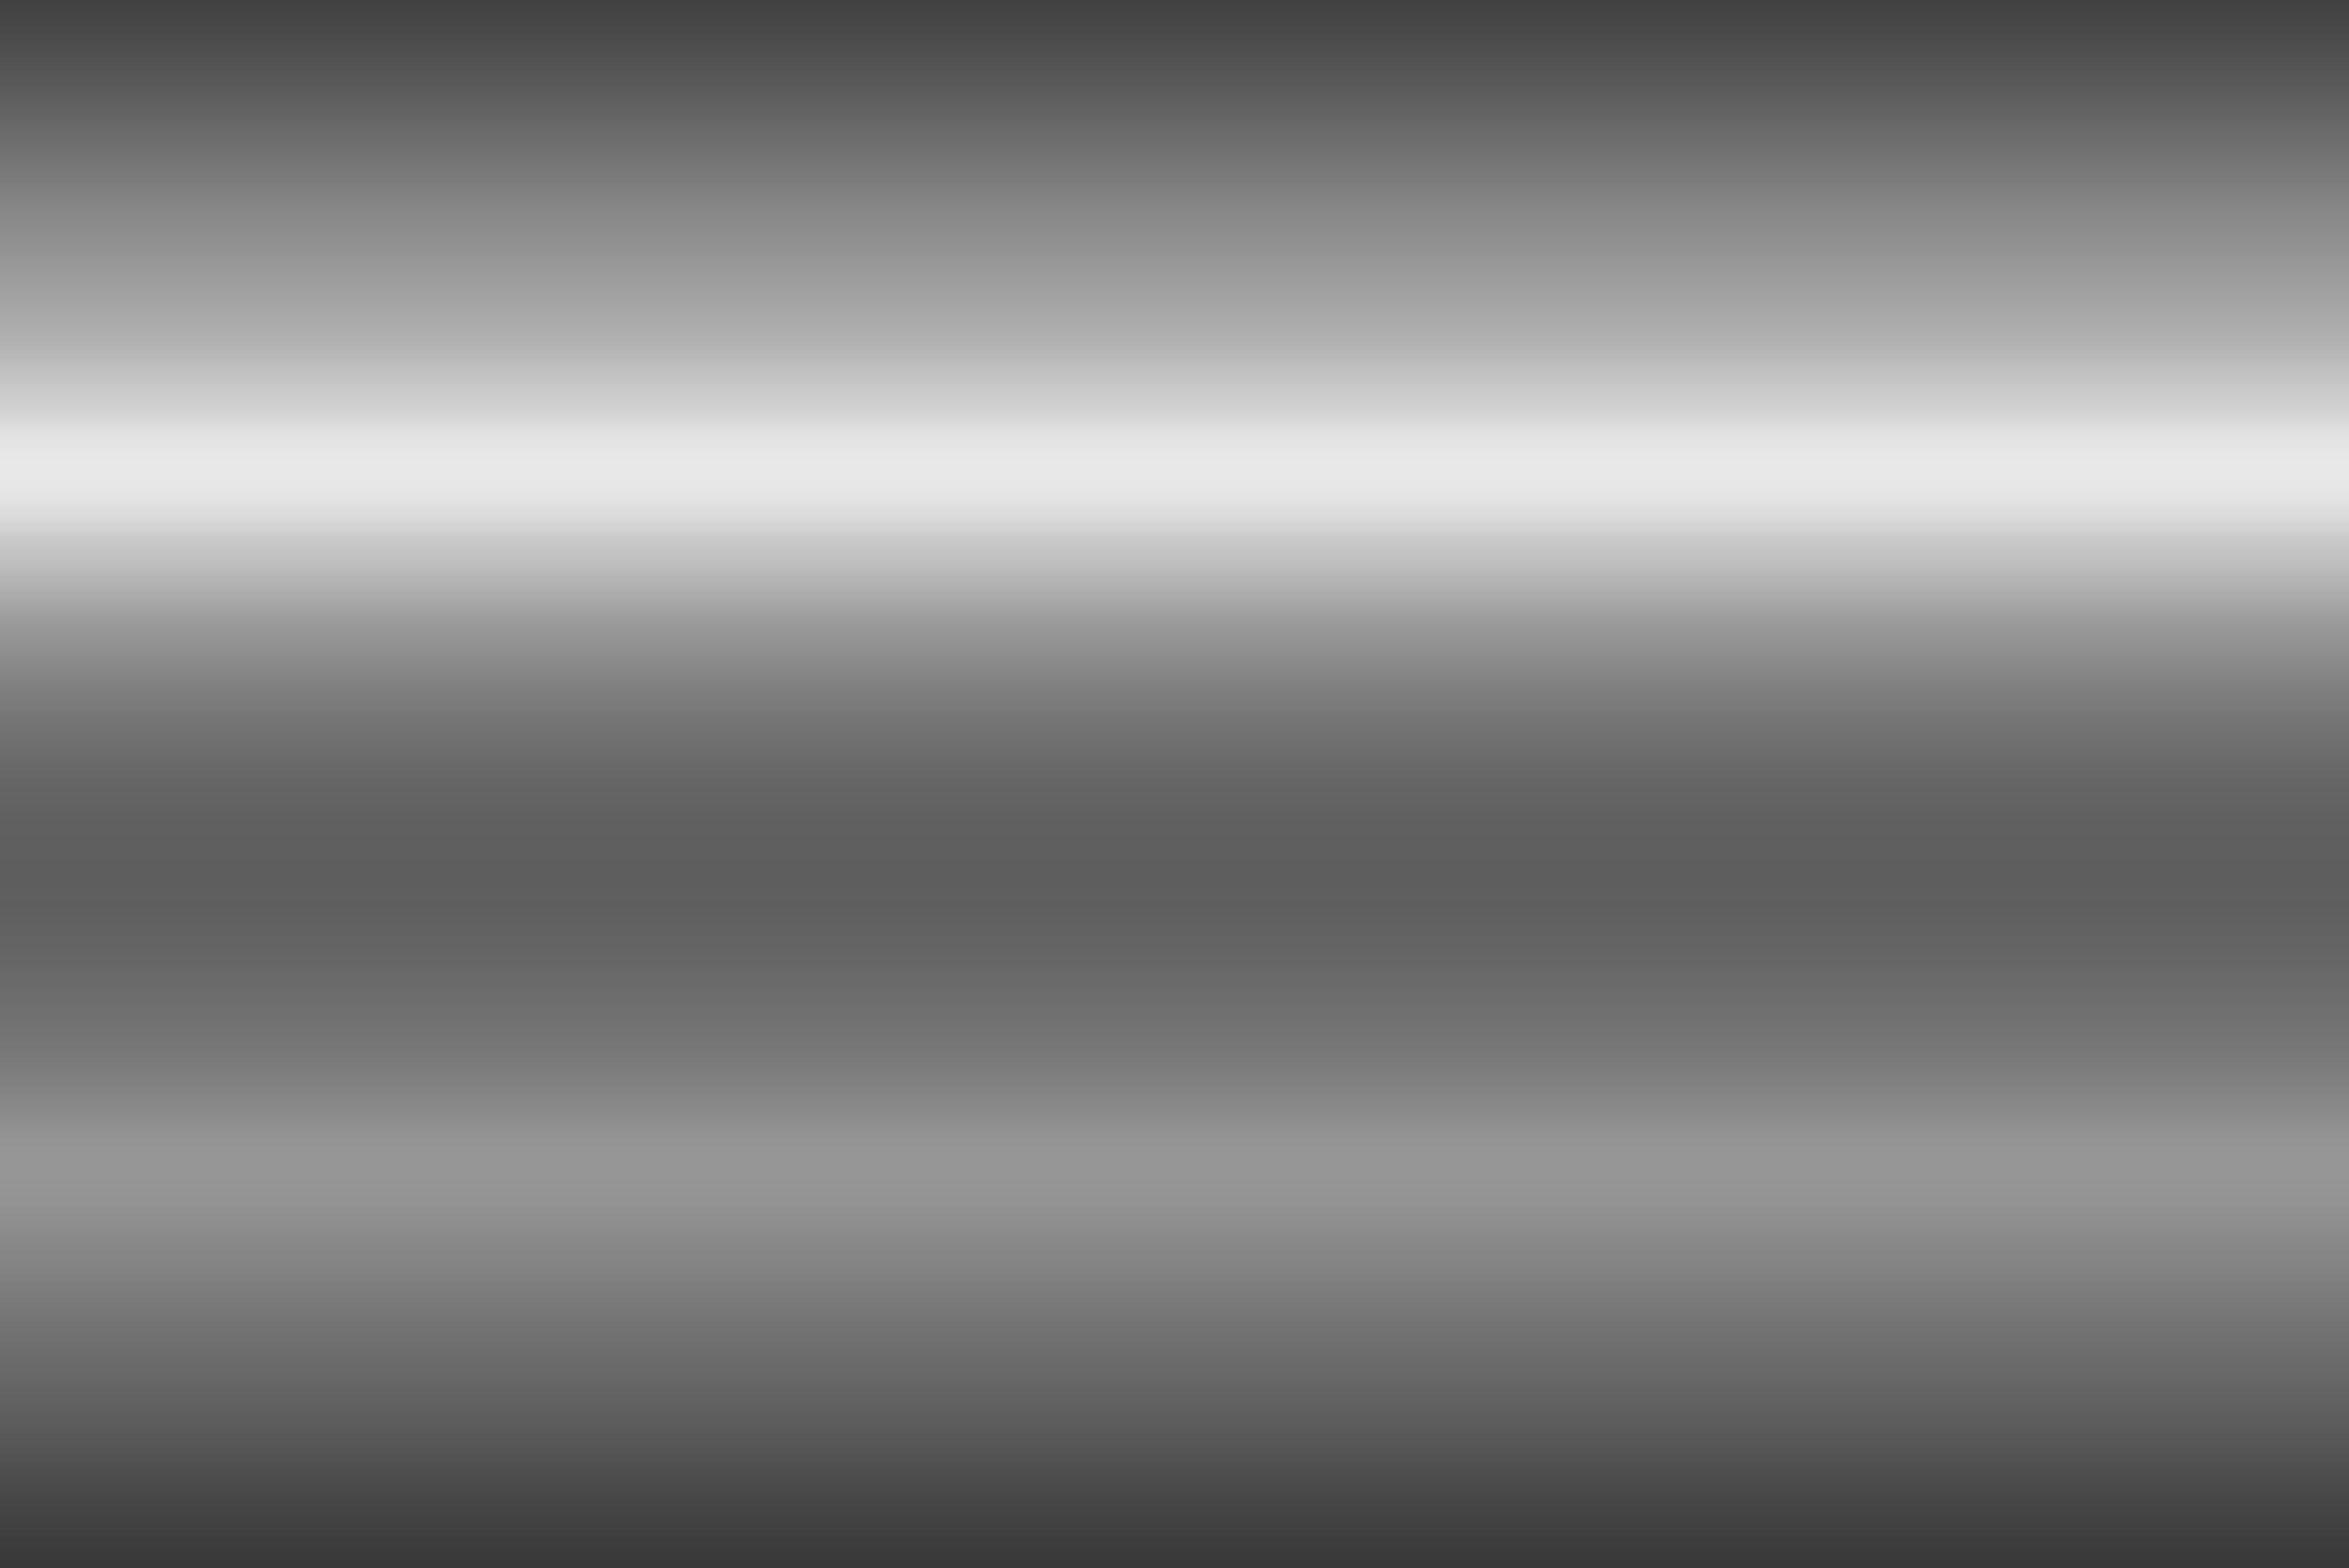 Изображение чёрно белая текстура металла для фотошоп